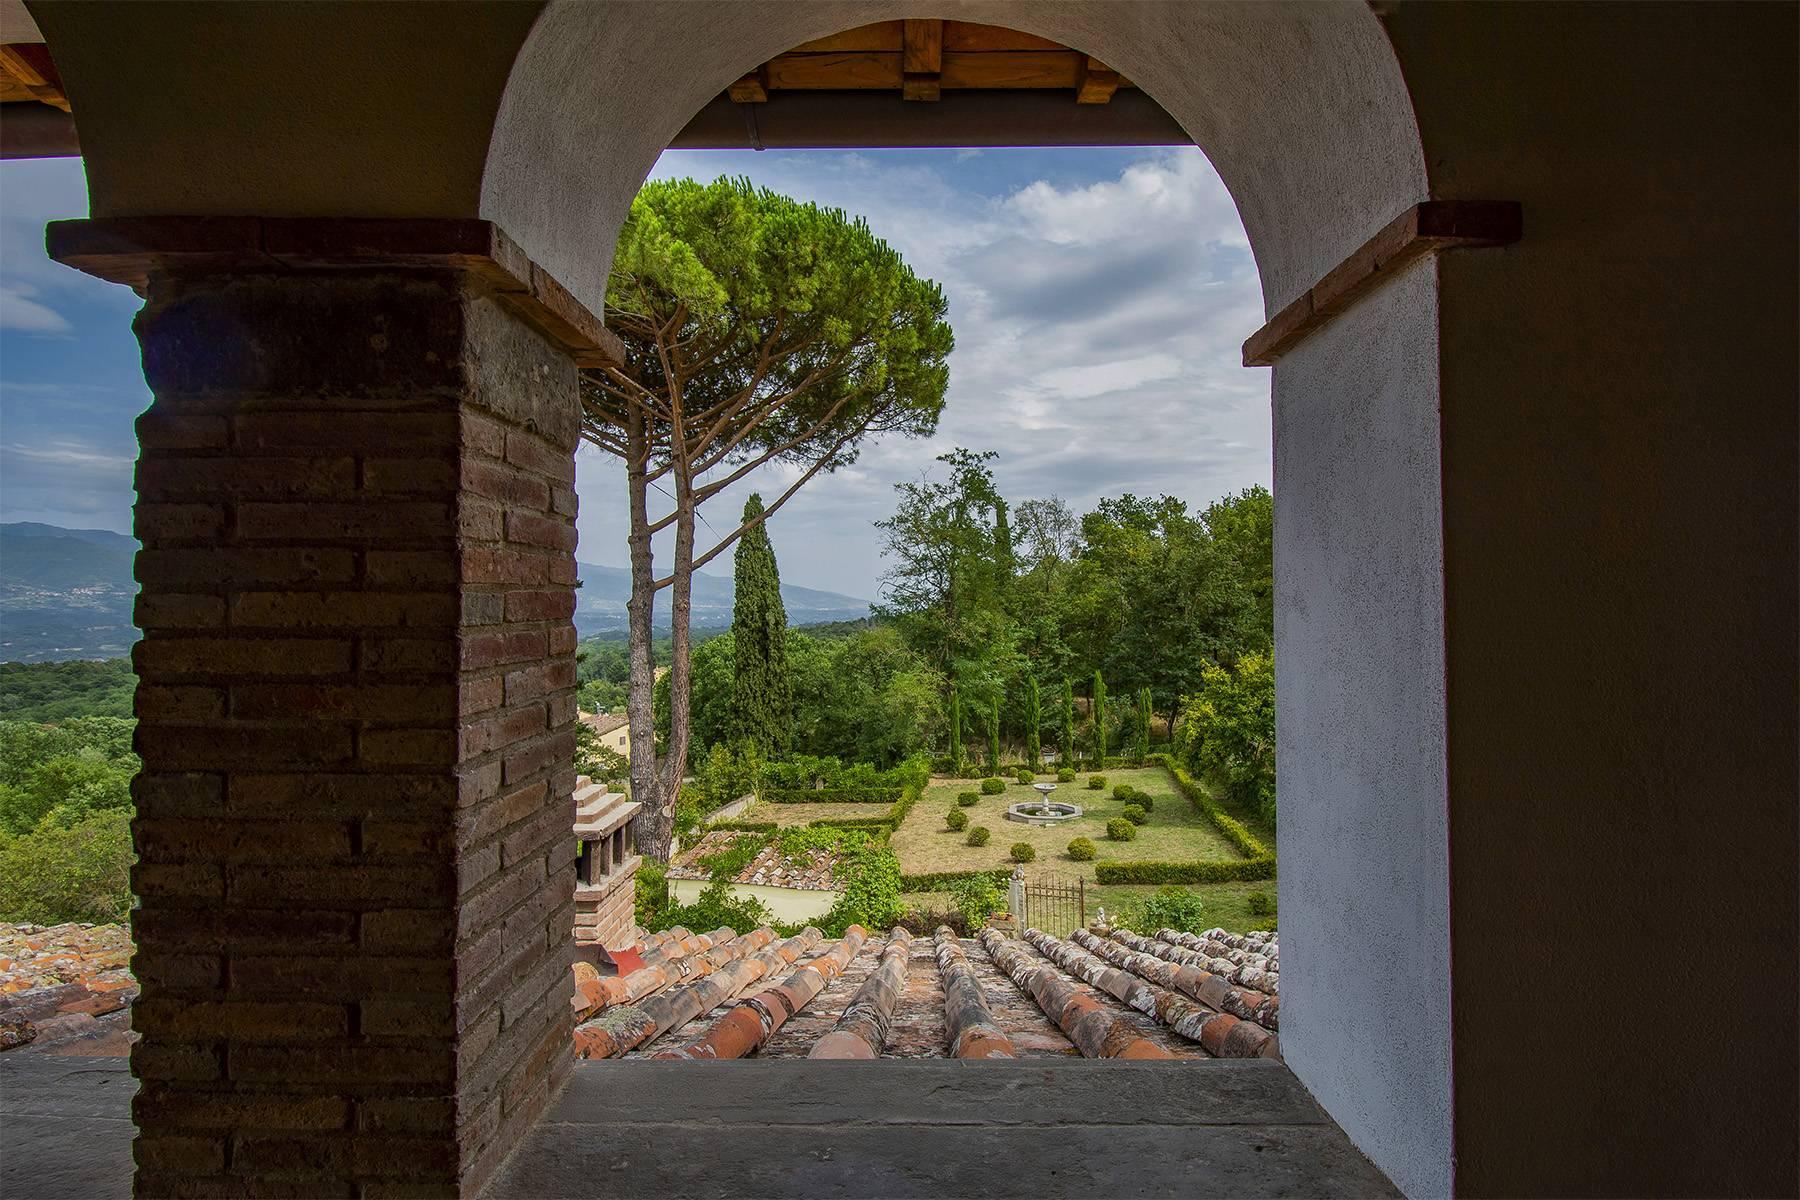 Panorama-Renaissance-Villa mit Garten im italienischen Stil - 22